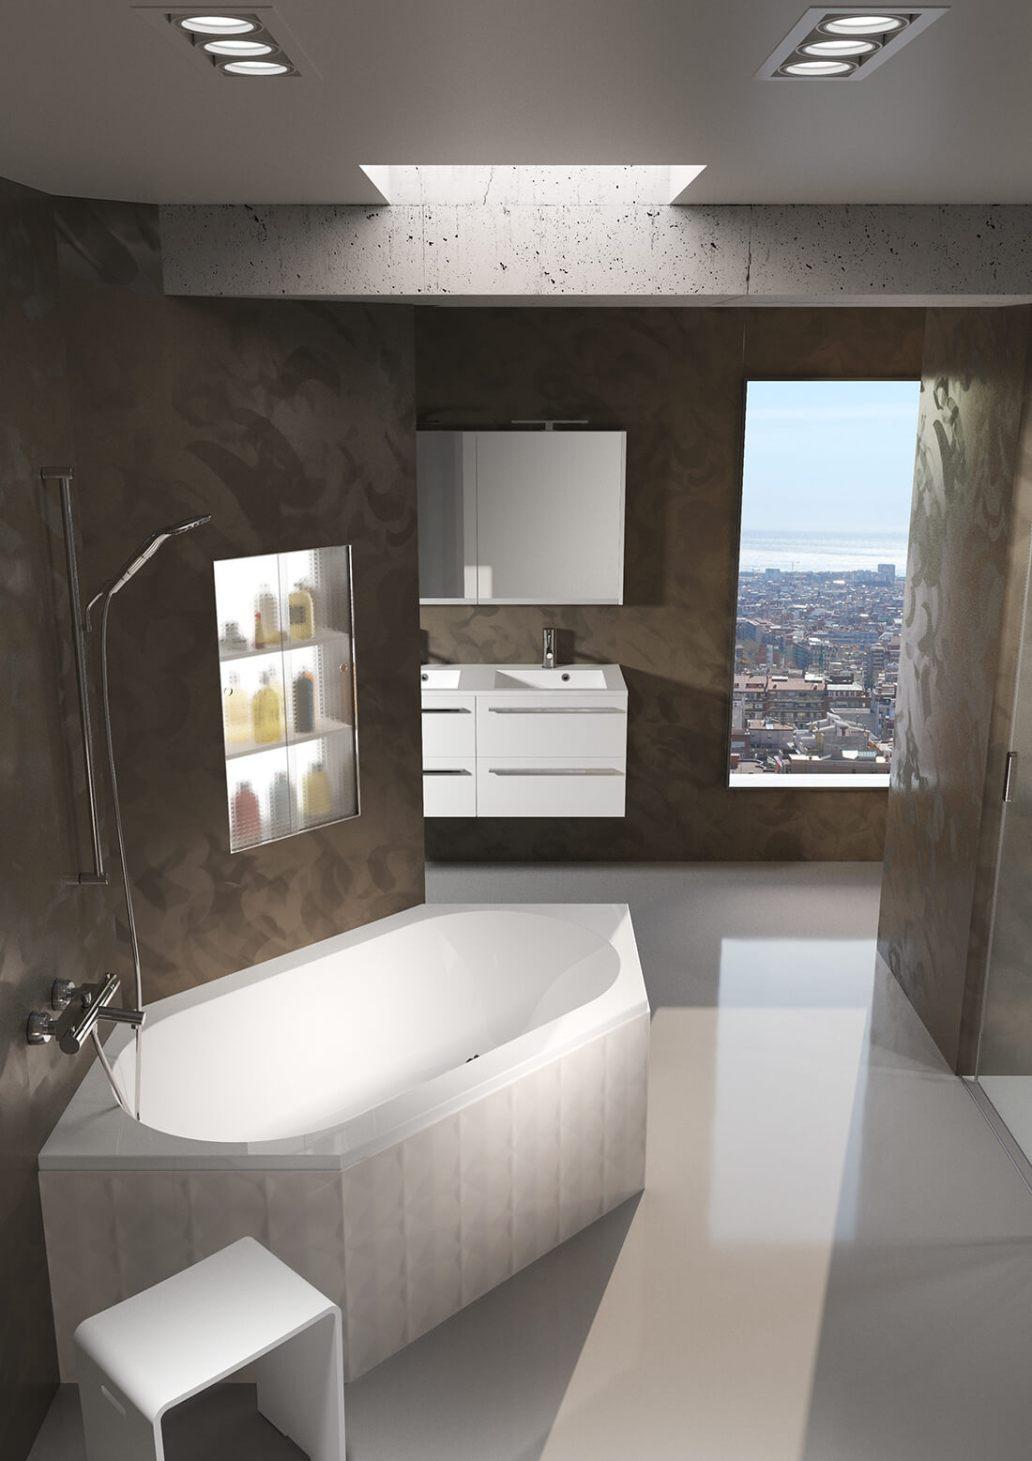 Baignoire dAngle Riho Kansas - Quelle baignoire pour une grande salle de bains